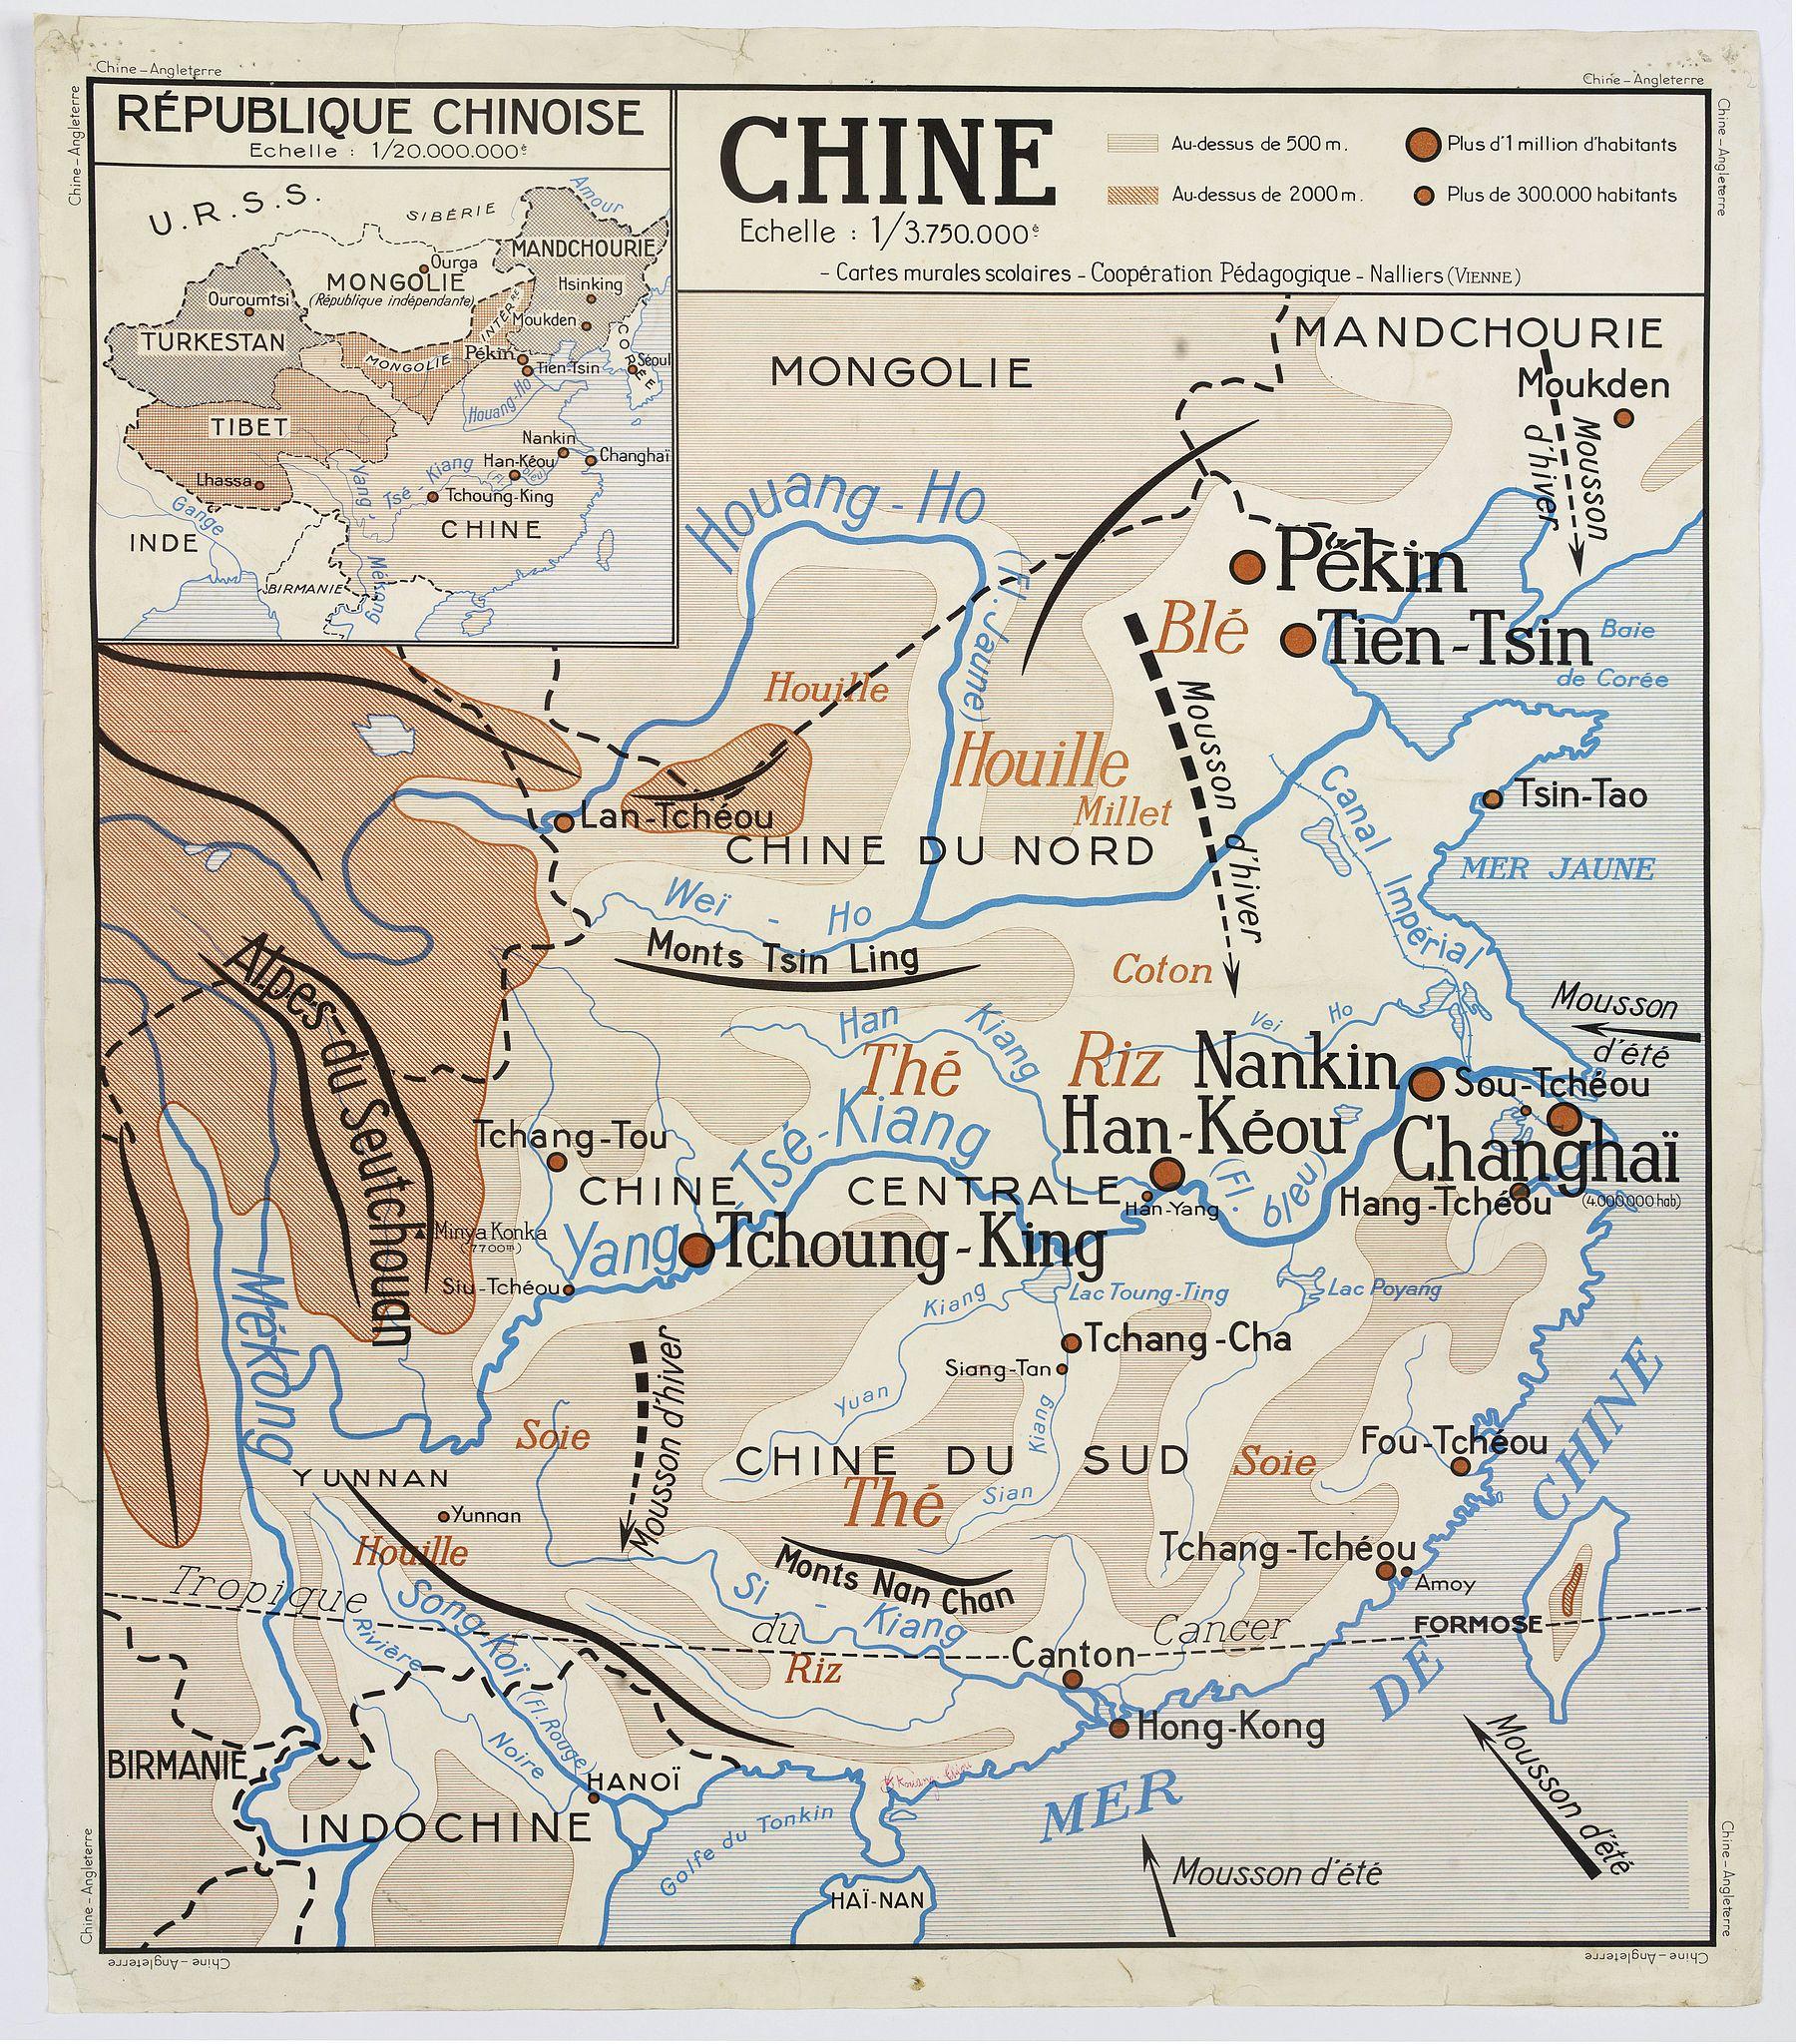 COOPERATION PEDAGOGIQUE. -  Chine - Angleterre.